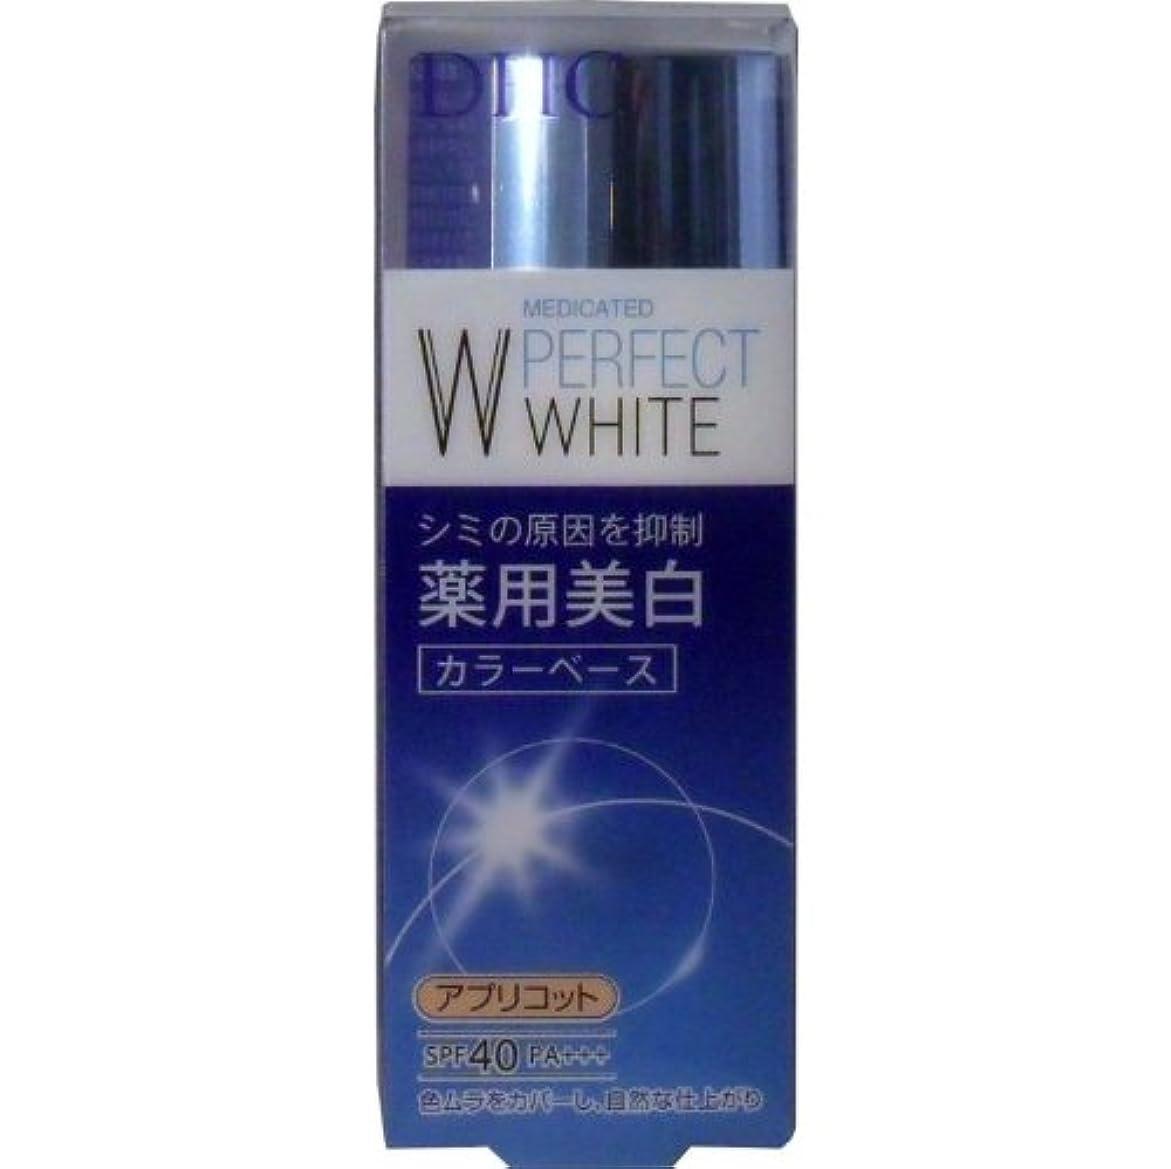 家いう消費するDHC 薬用美白パーフェクトホワイト カラーベース アプリコット 30g